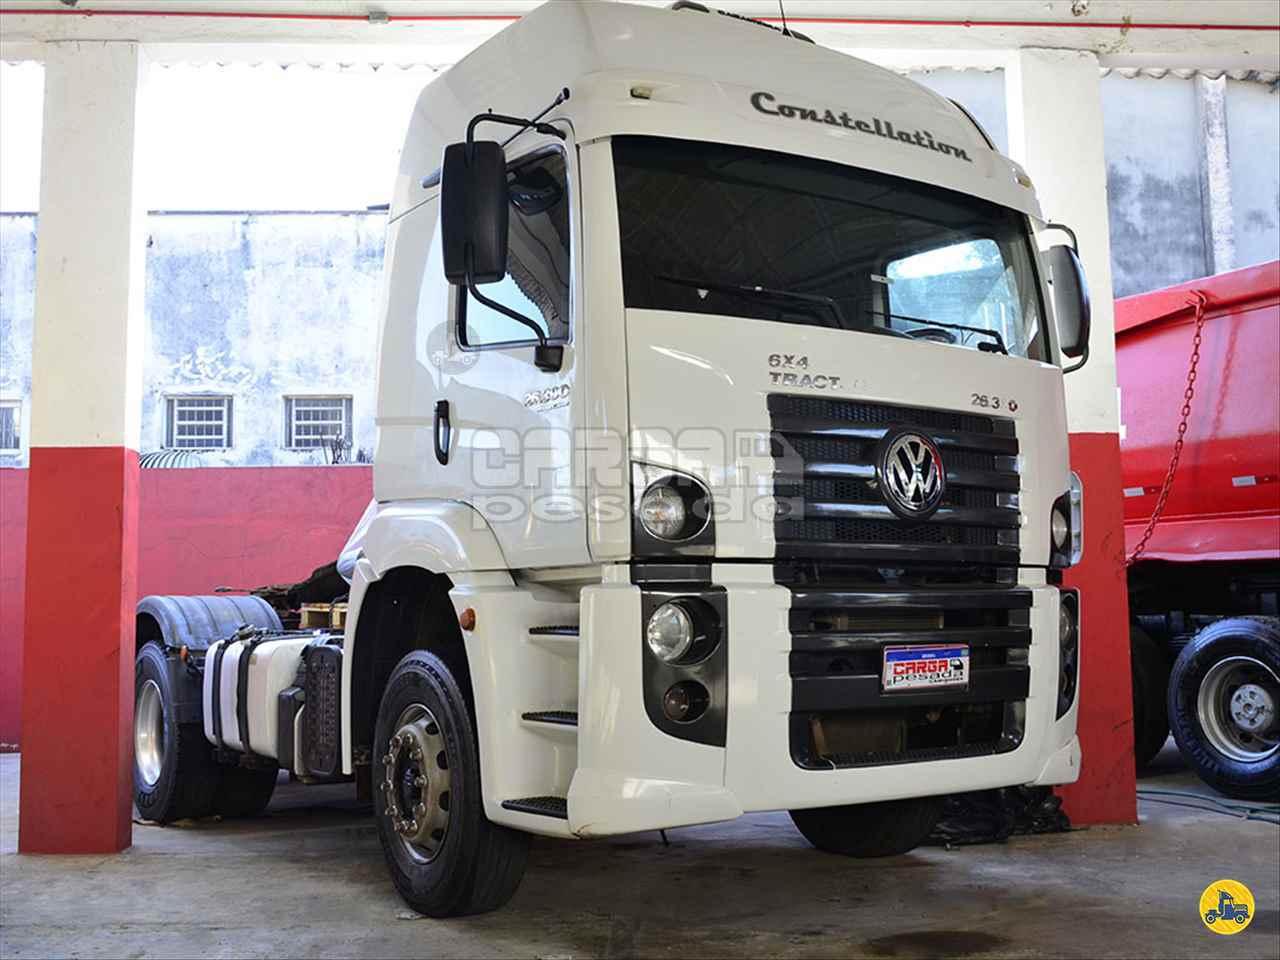 CAMINHAO VOLKSWAGEN VW 26390 Cavalo Mecânico Traçado 6x4 Carga Pesada Caminhões SAO PAULO SÃO PAULO SP